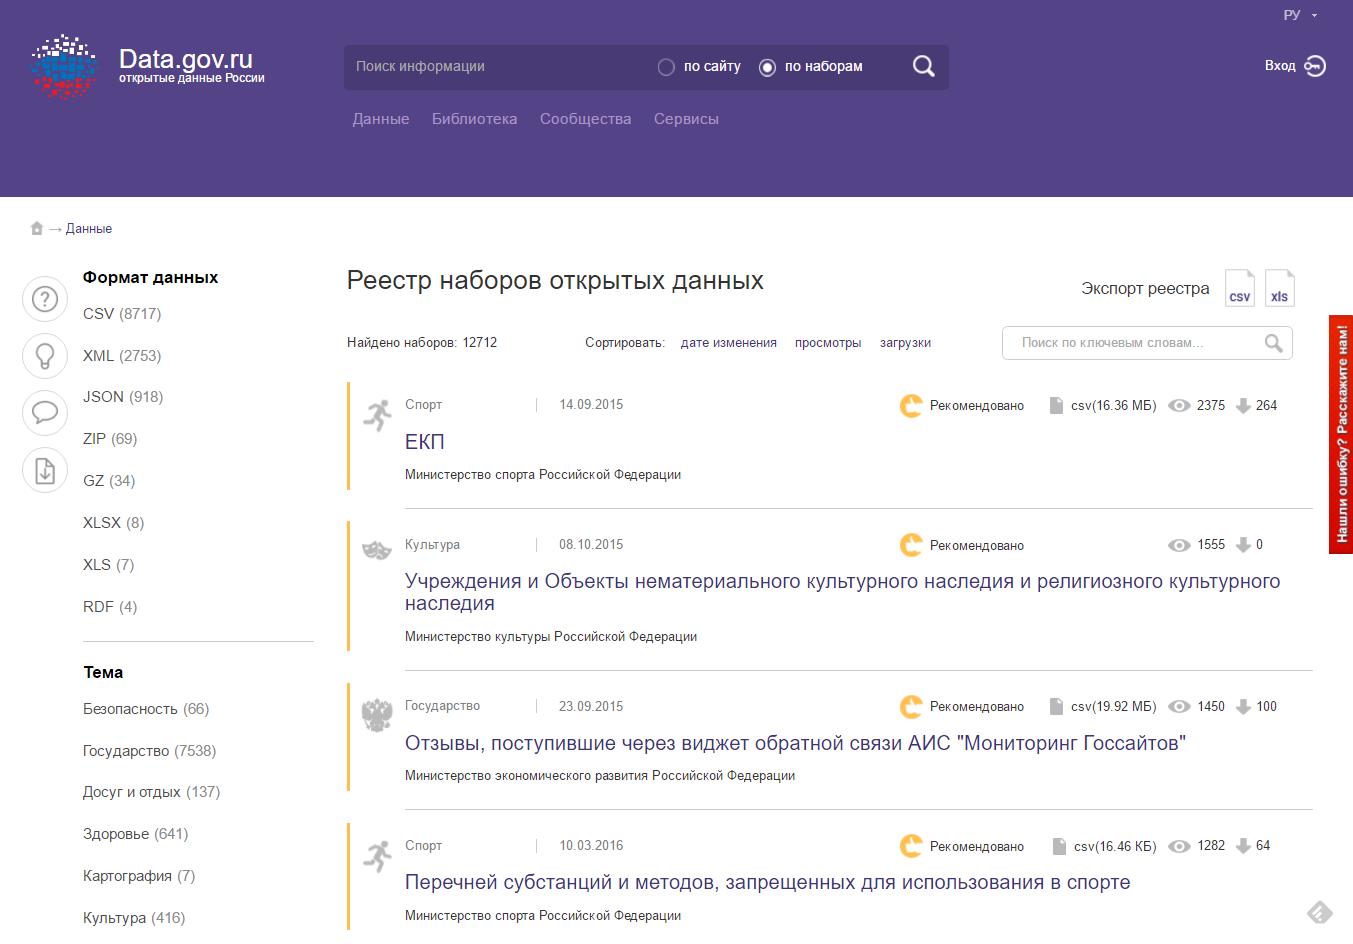 Разработка веб-скрапера для извлечения данных с портала открытых данных России data.gov.ru - 1